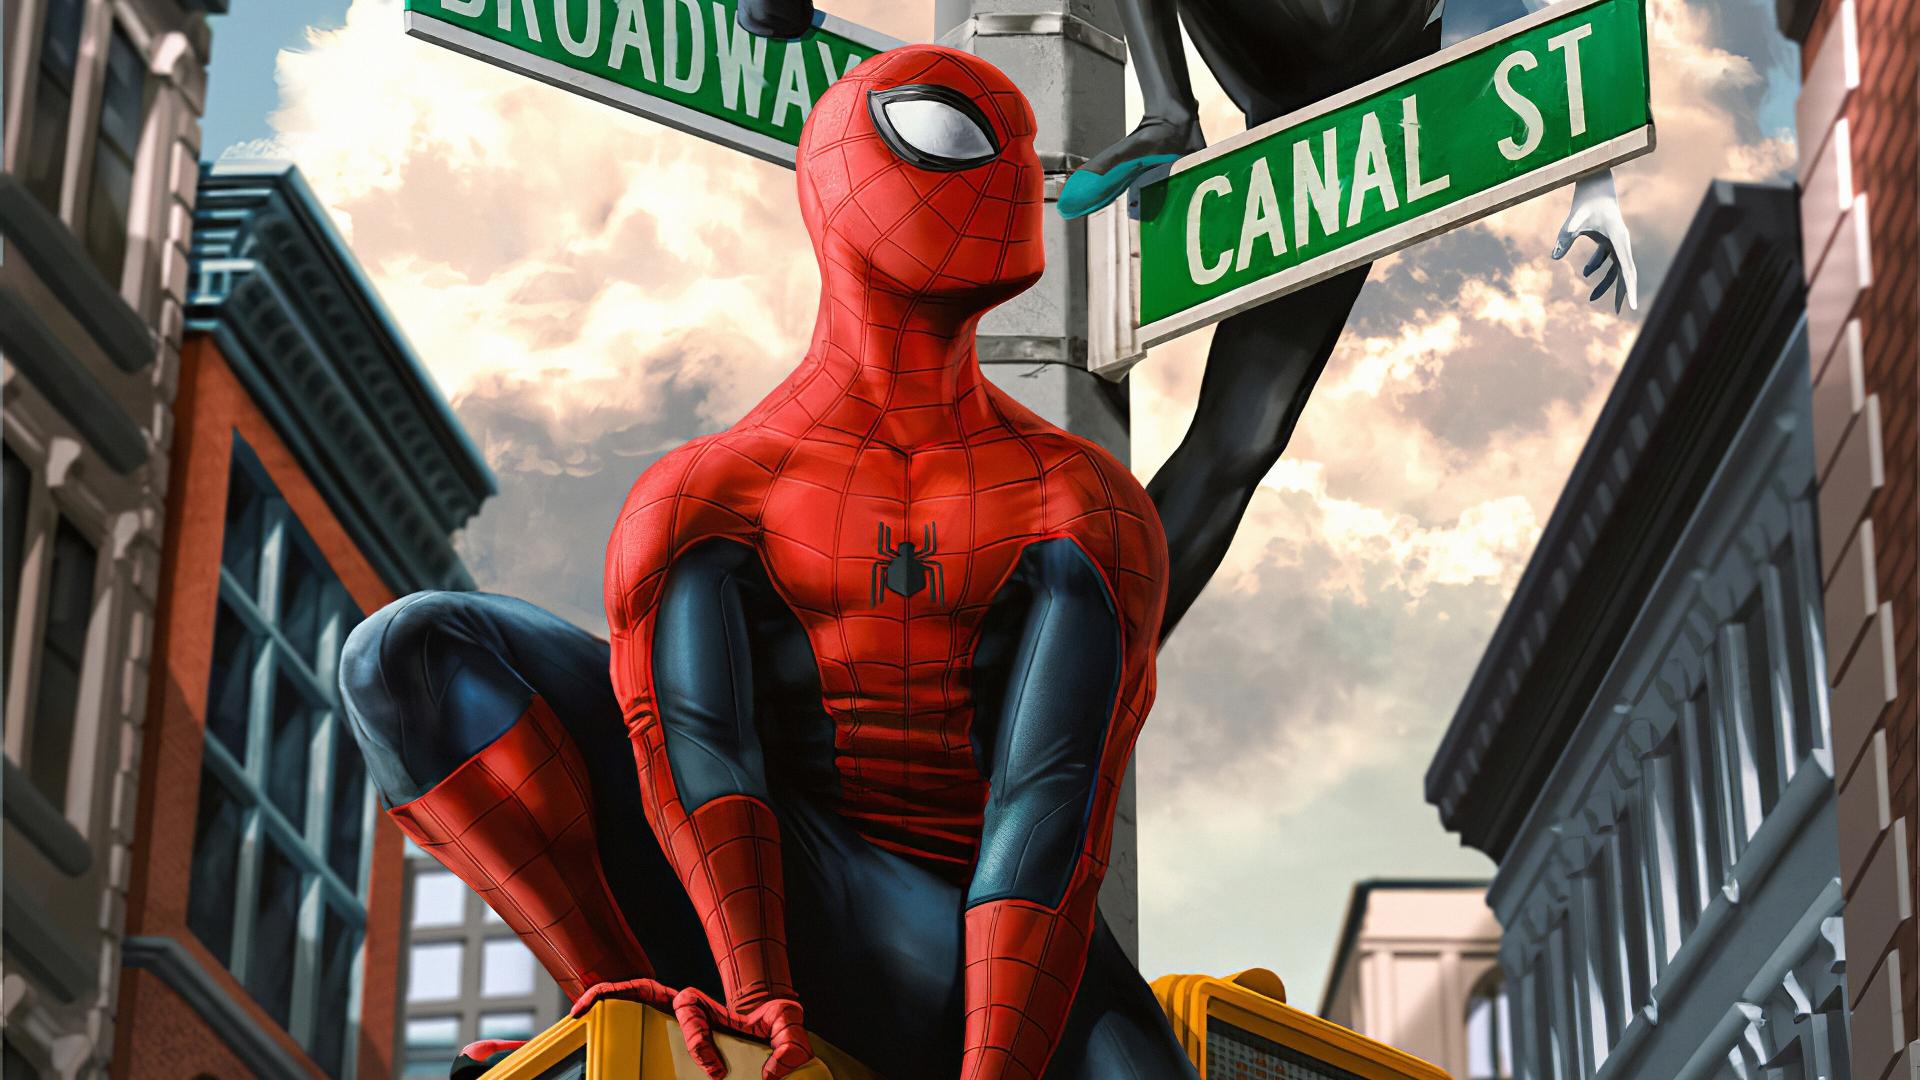 Spiderman In New York Wallpaper 4k Ultra Hd Id4391